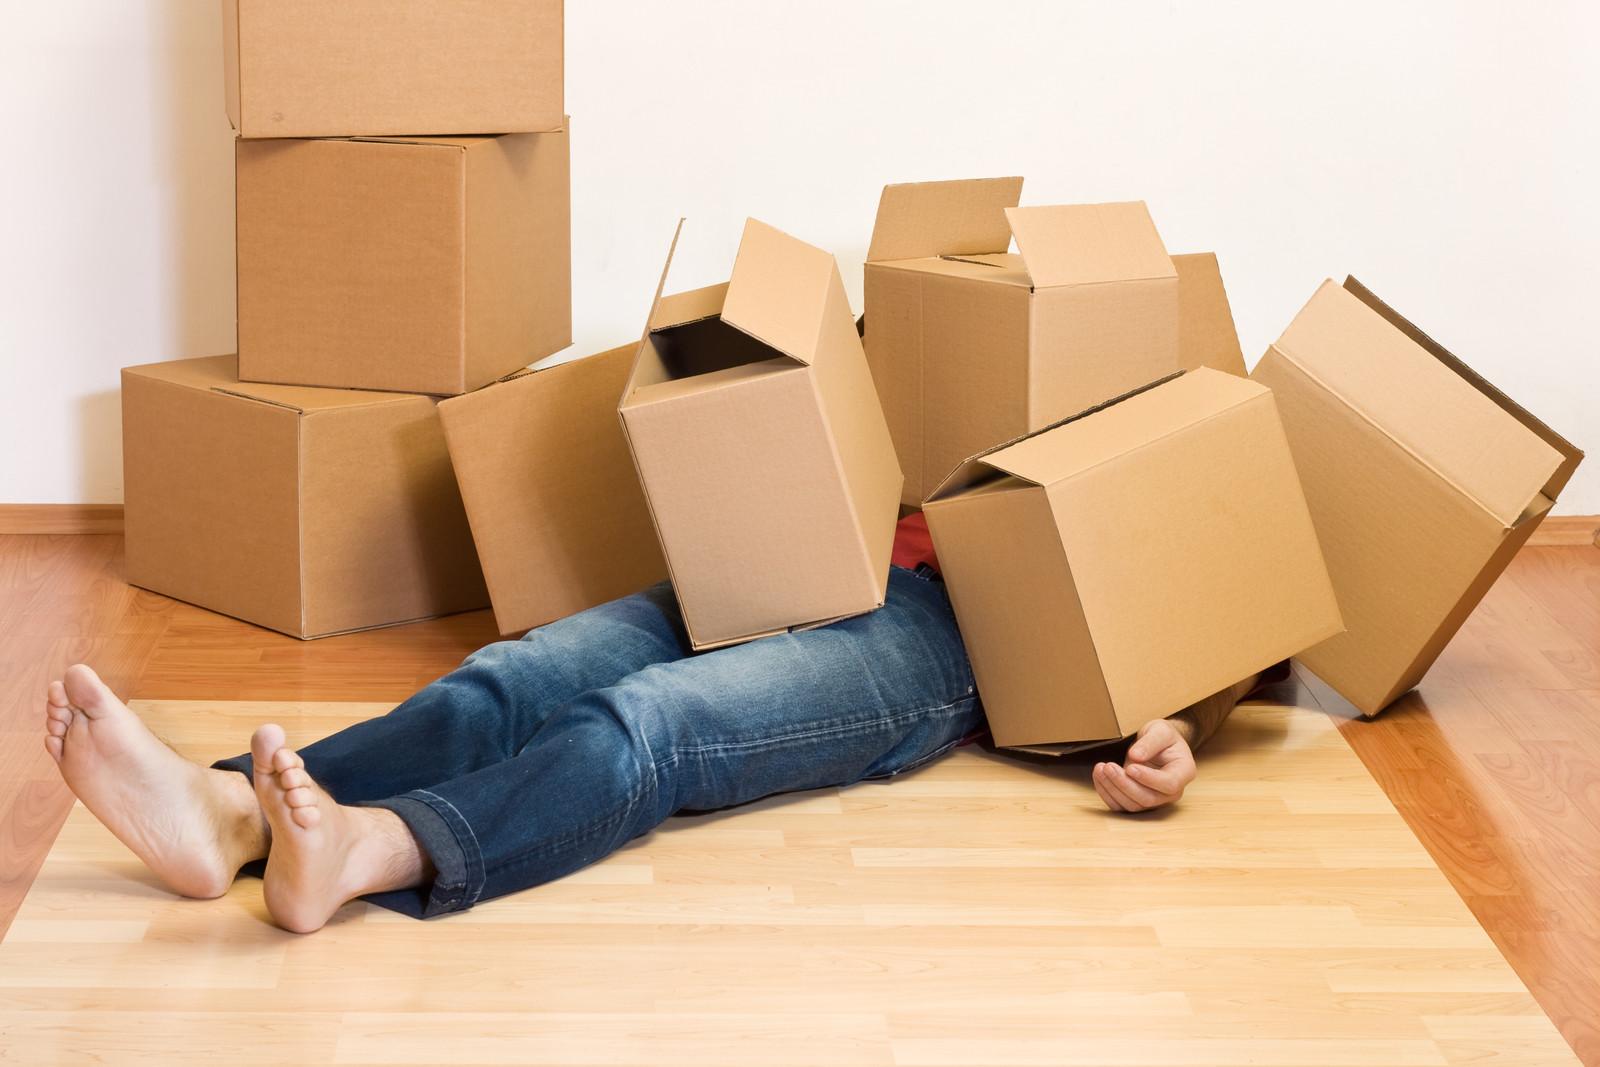 Kinh nghiệm chuyển nhà giúp bạn giảm tải stress